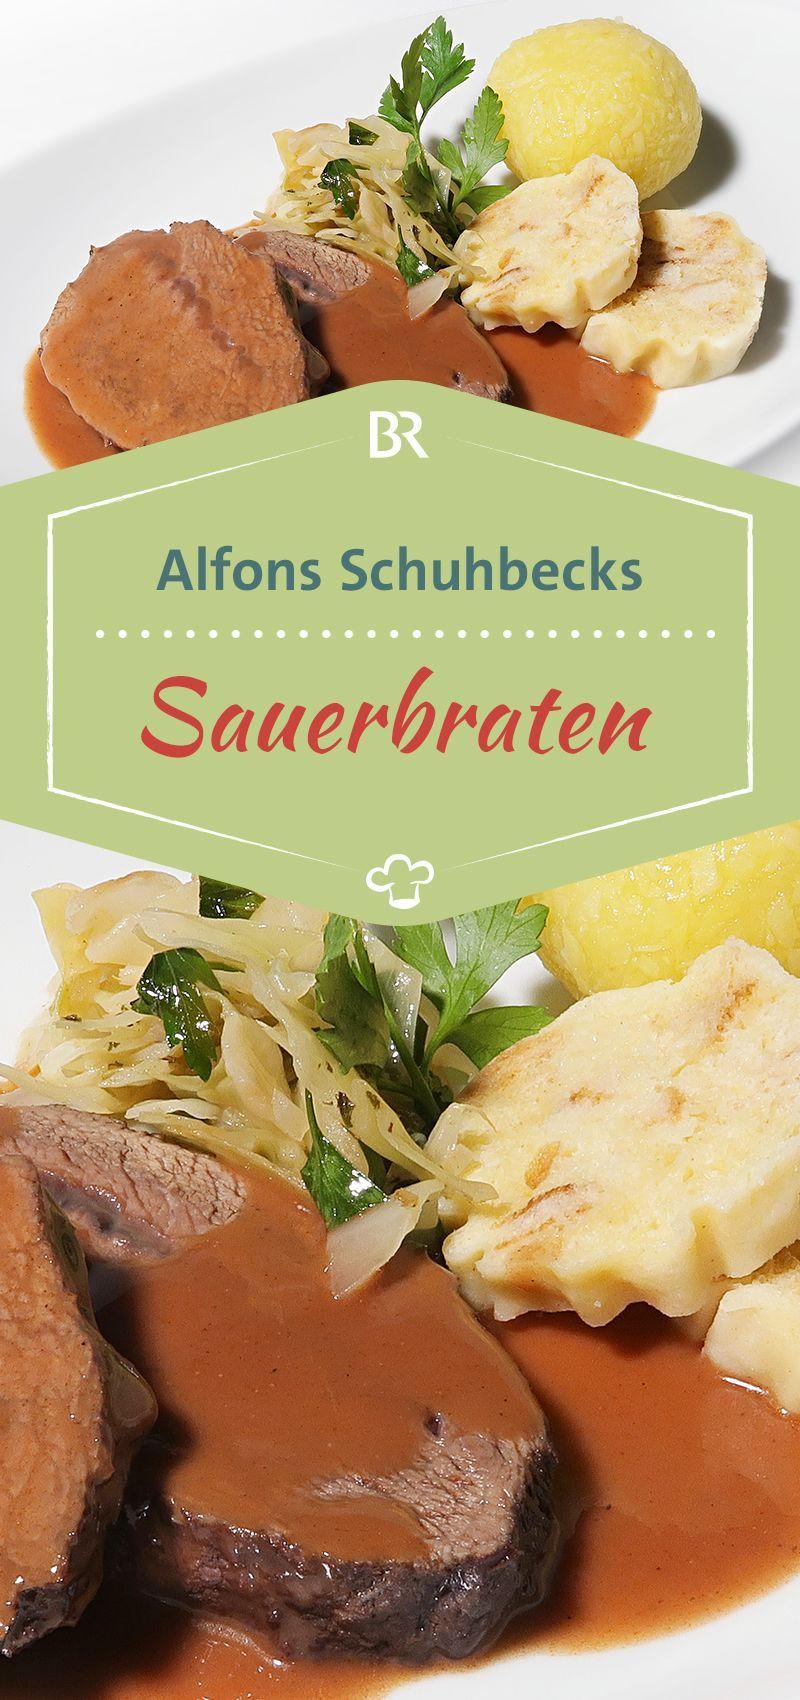 eddeeee31a84ab1d766734a9cabf7402 - Schuhbecks Rezepte